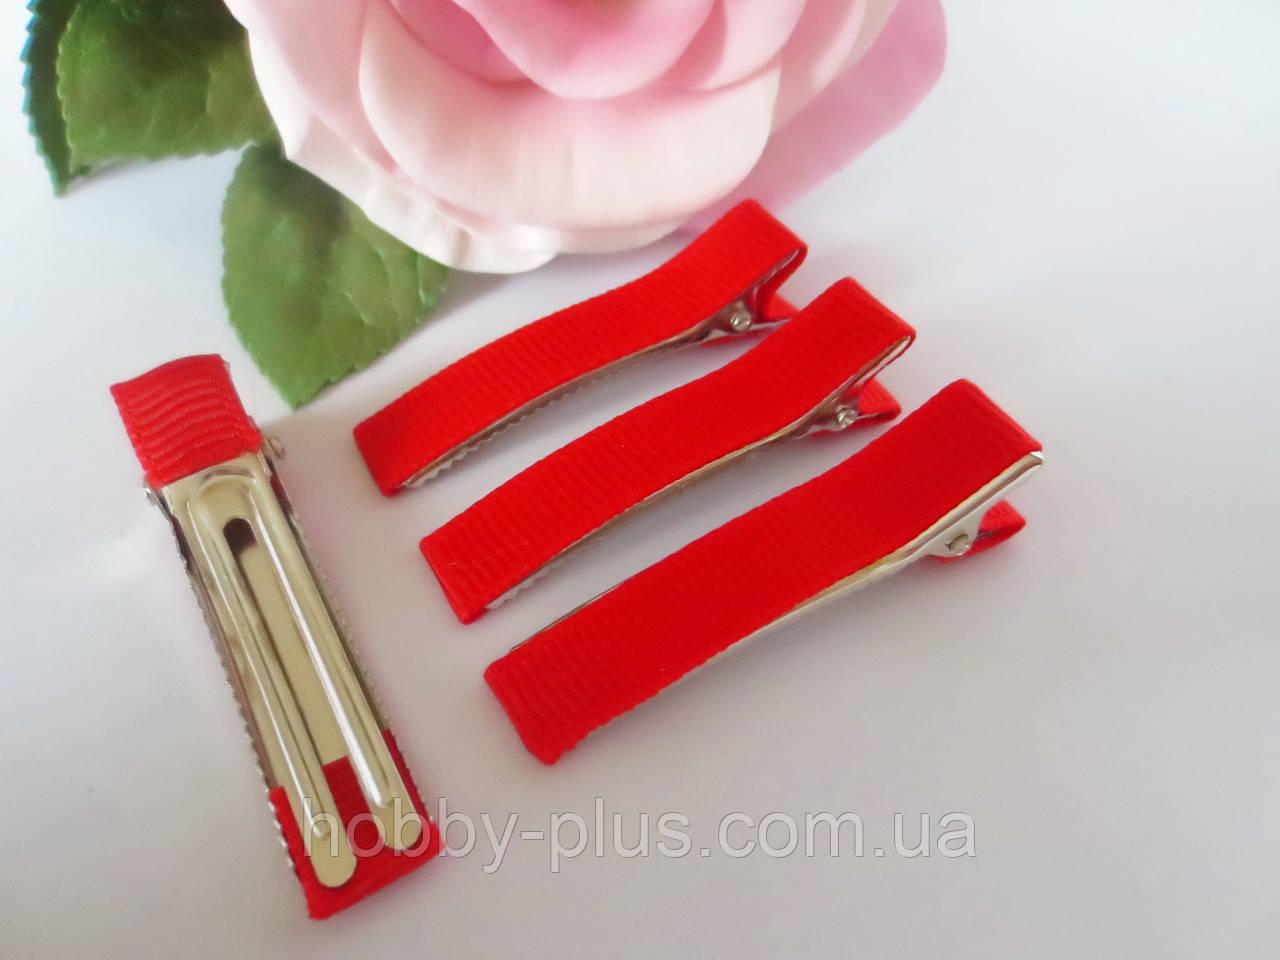 Металлическая заколка с репсовой лентой, 5 см., цвет красный